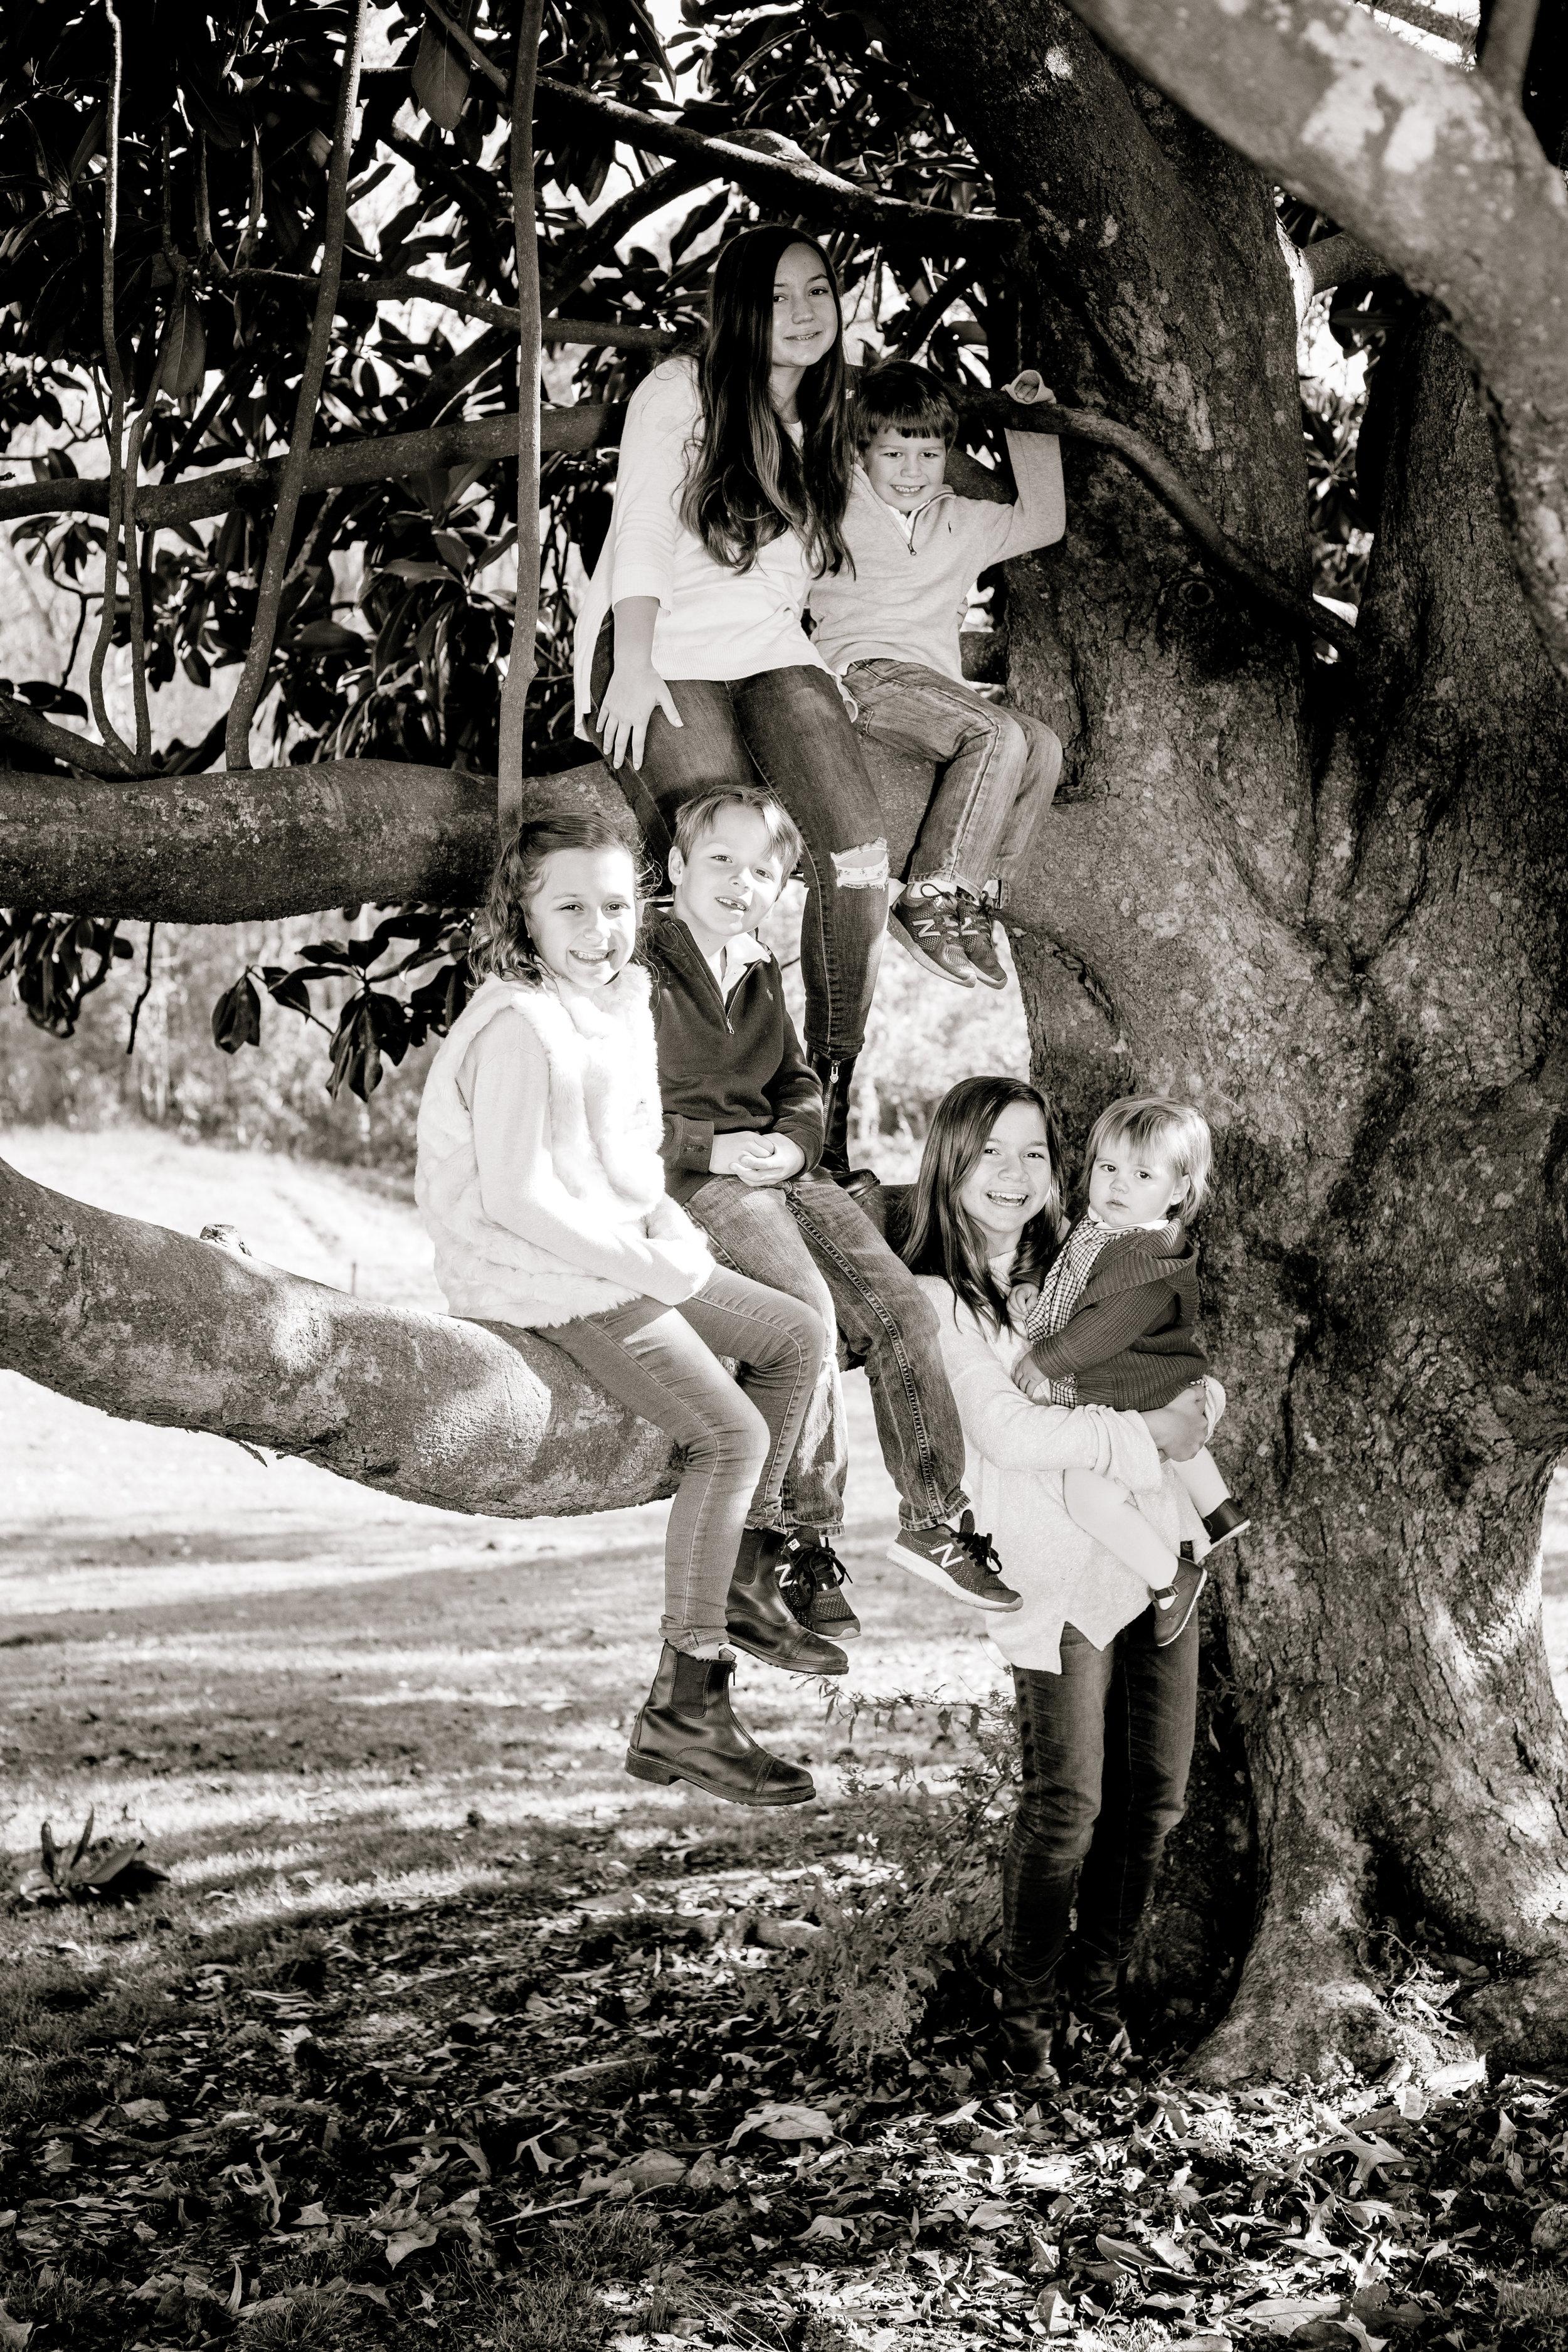 Their favorite climbing tree!